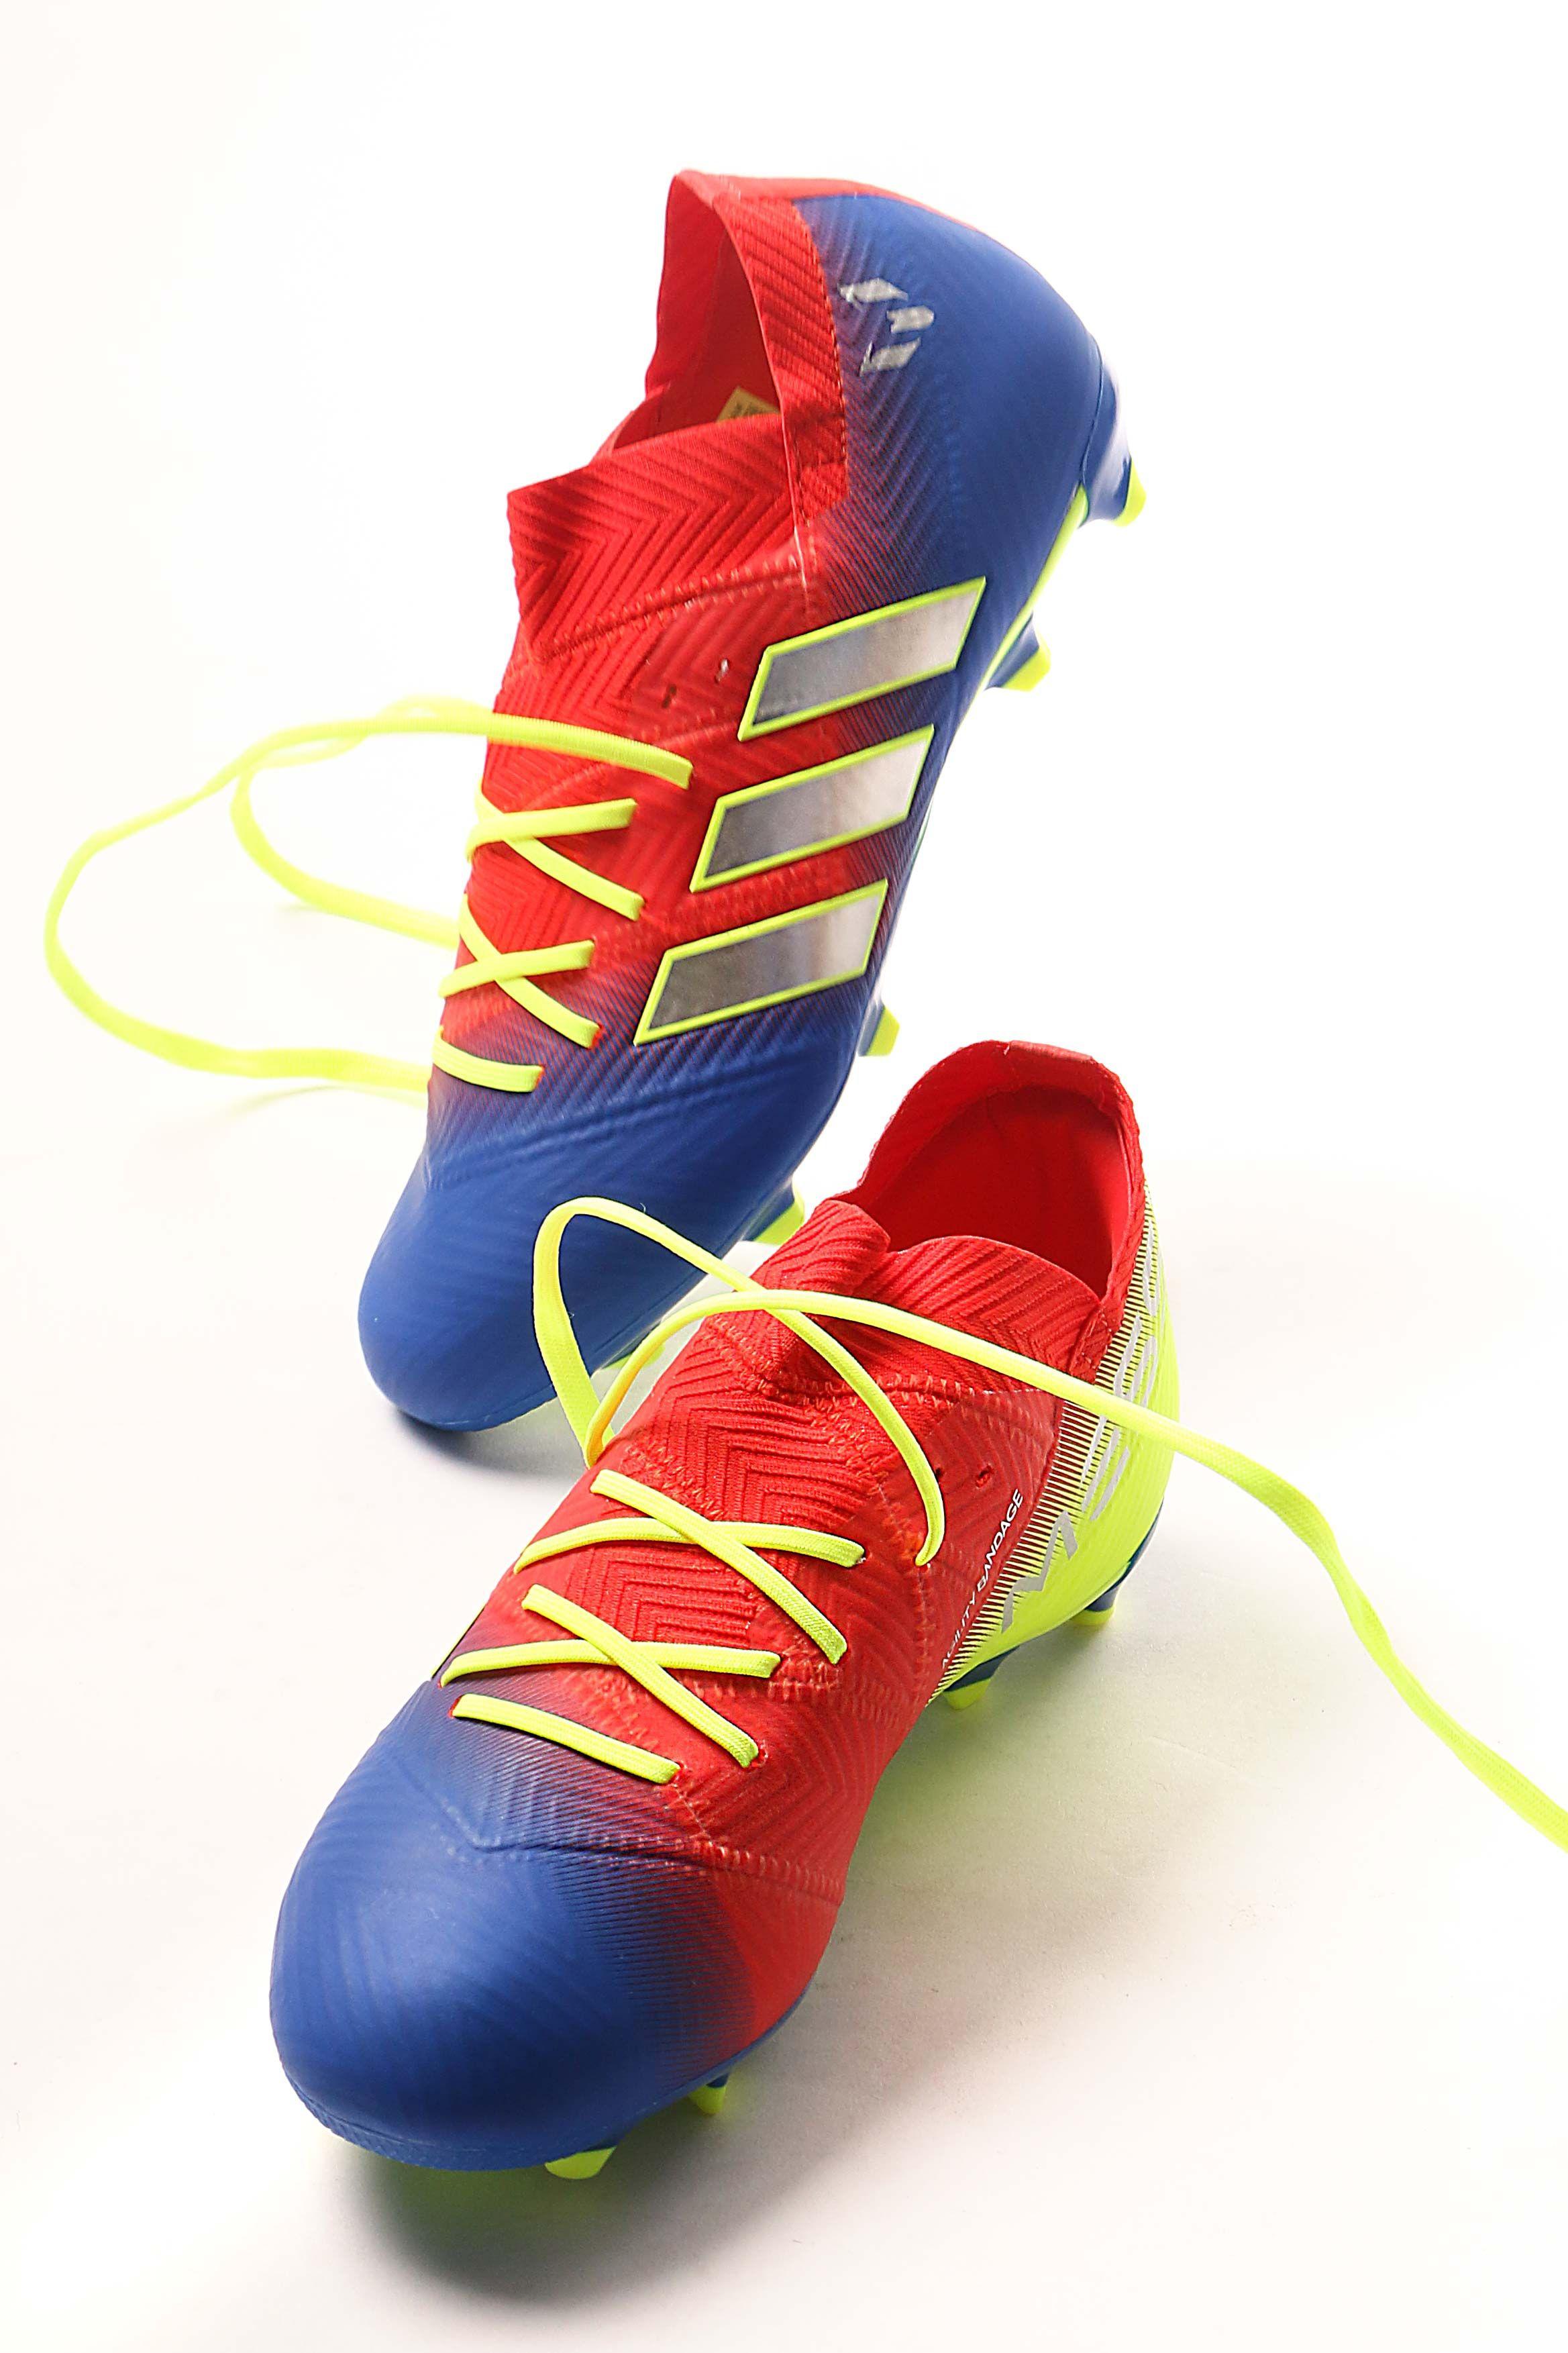 new arrival eaae6 731c7 Las botas y zapatillas de Messi para niños están en futbolmaniakids,